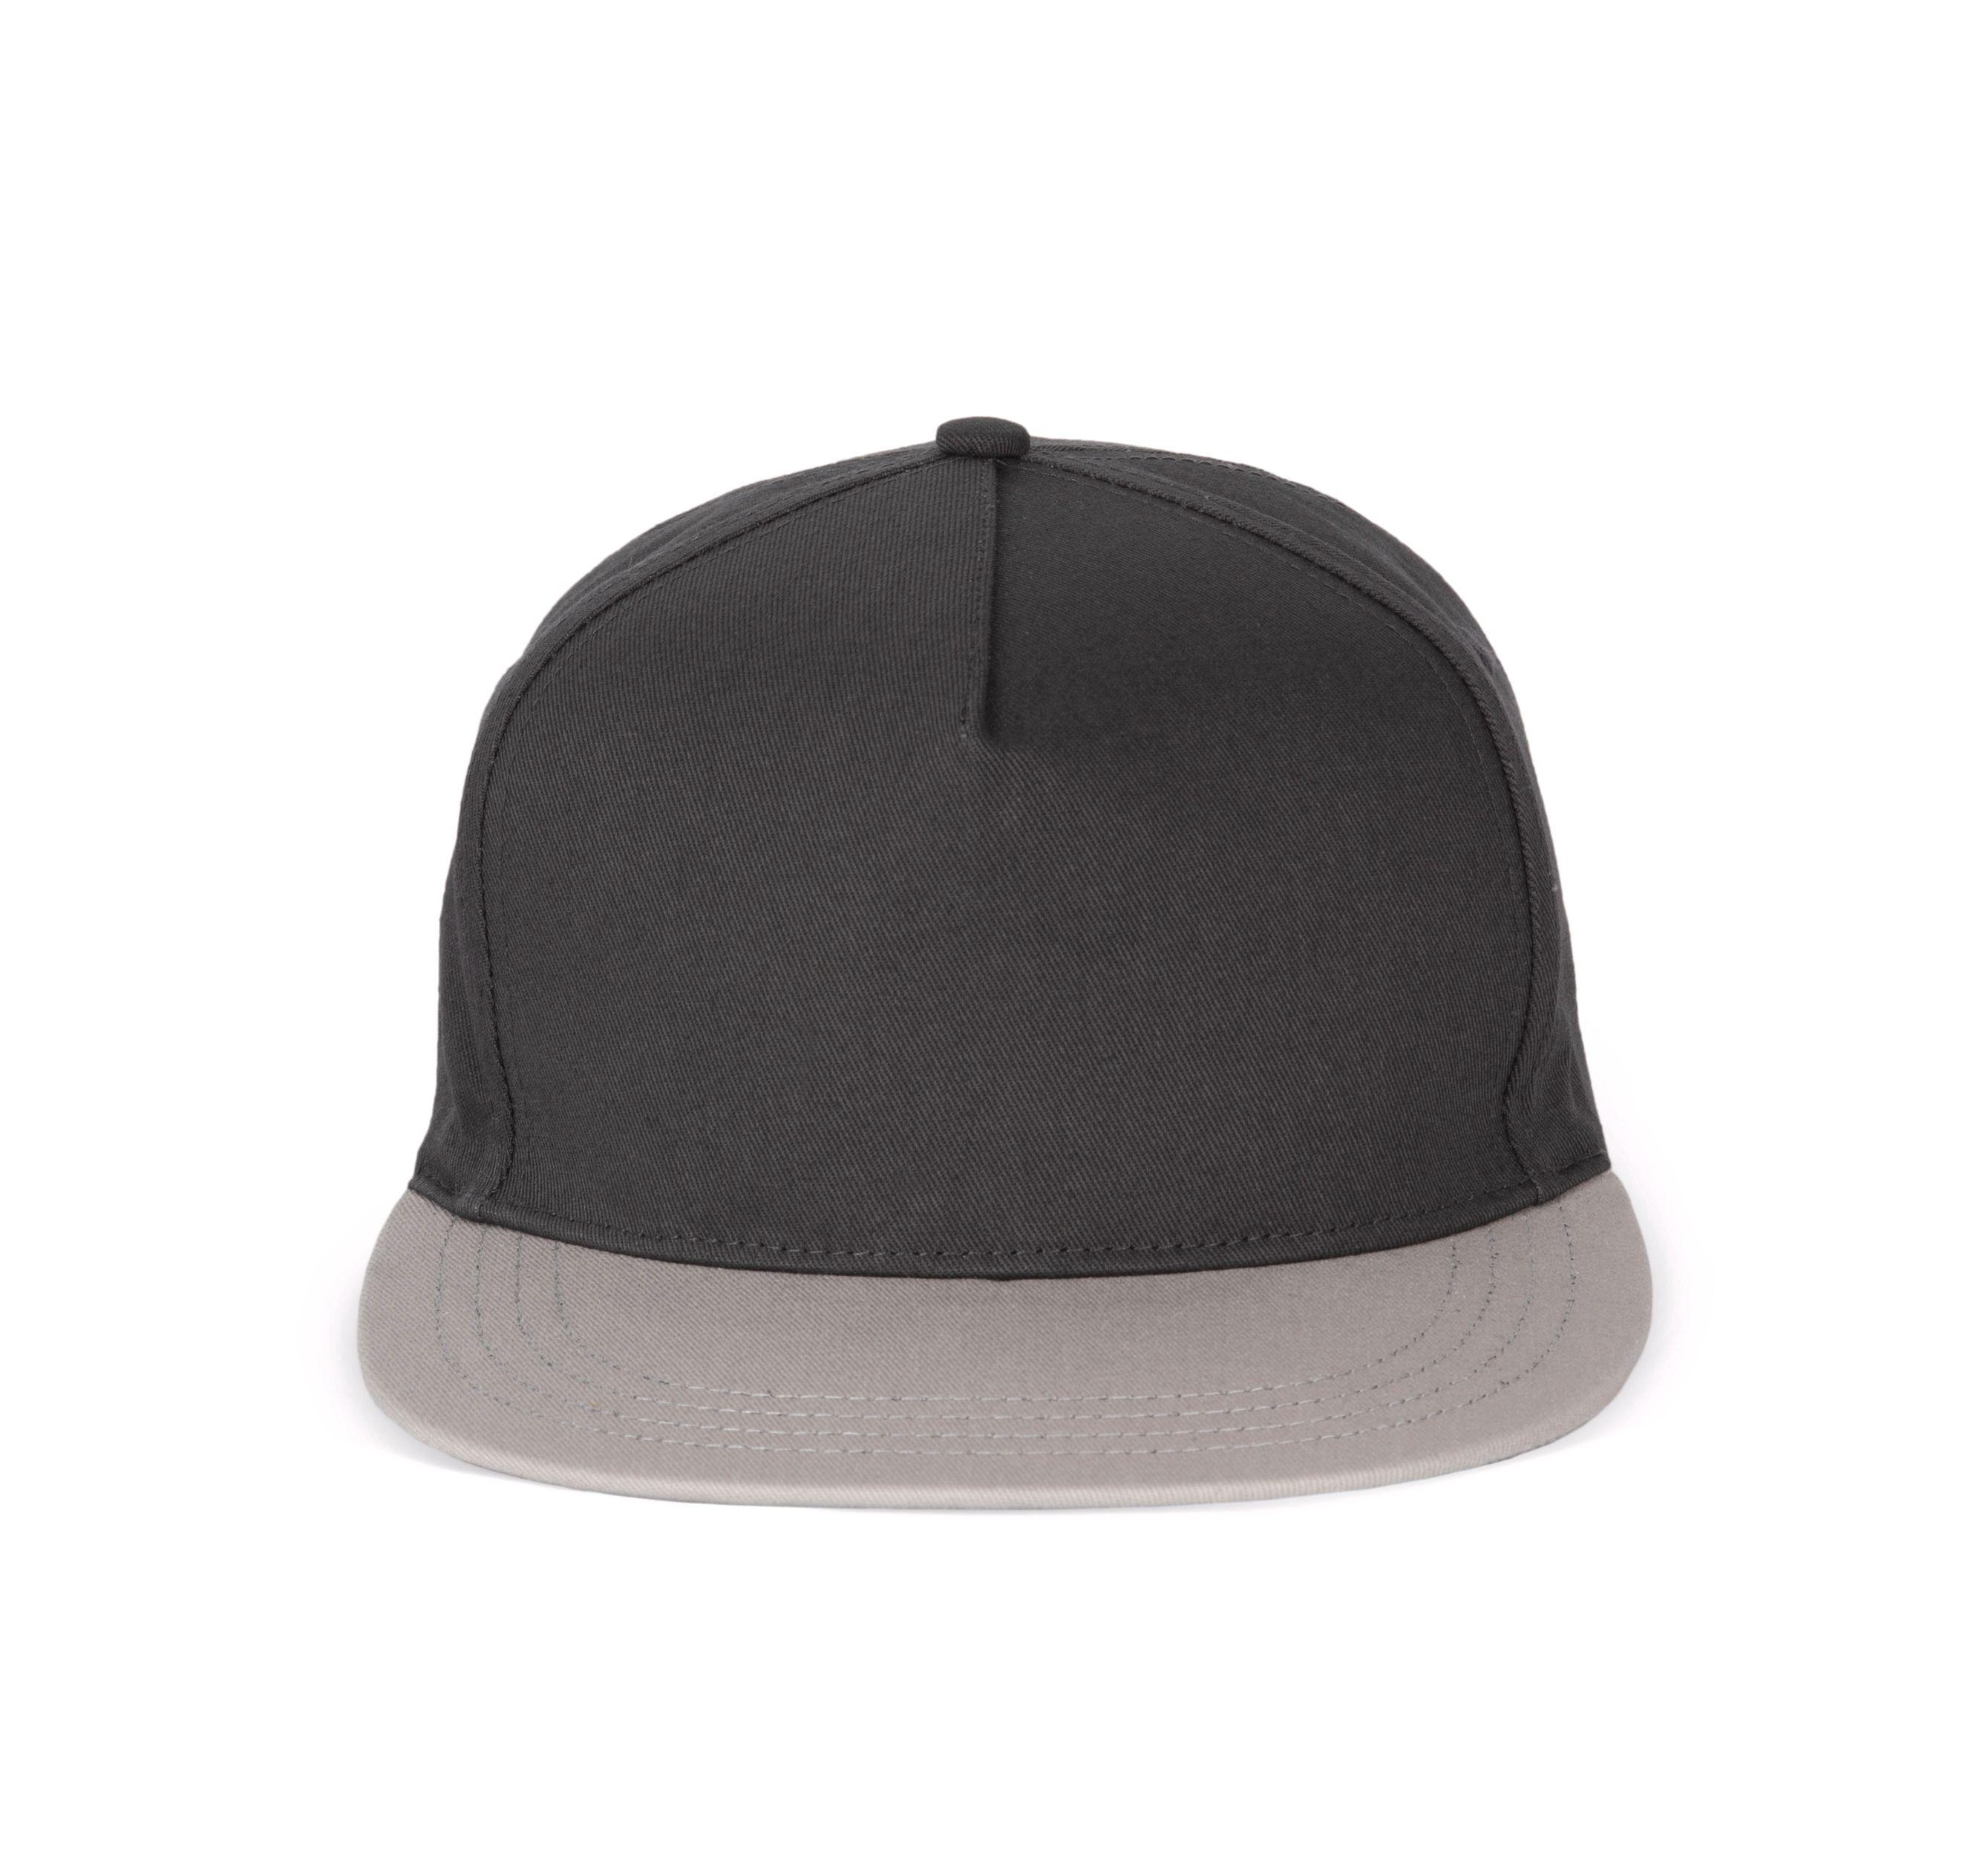 Èepice s kšiltem Snapback cap